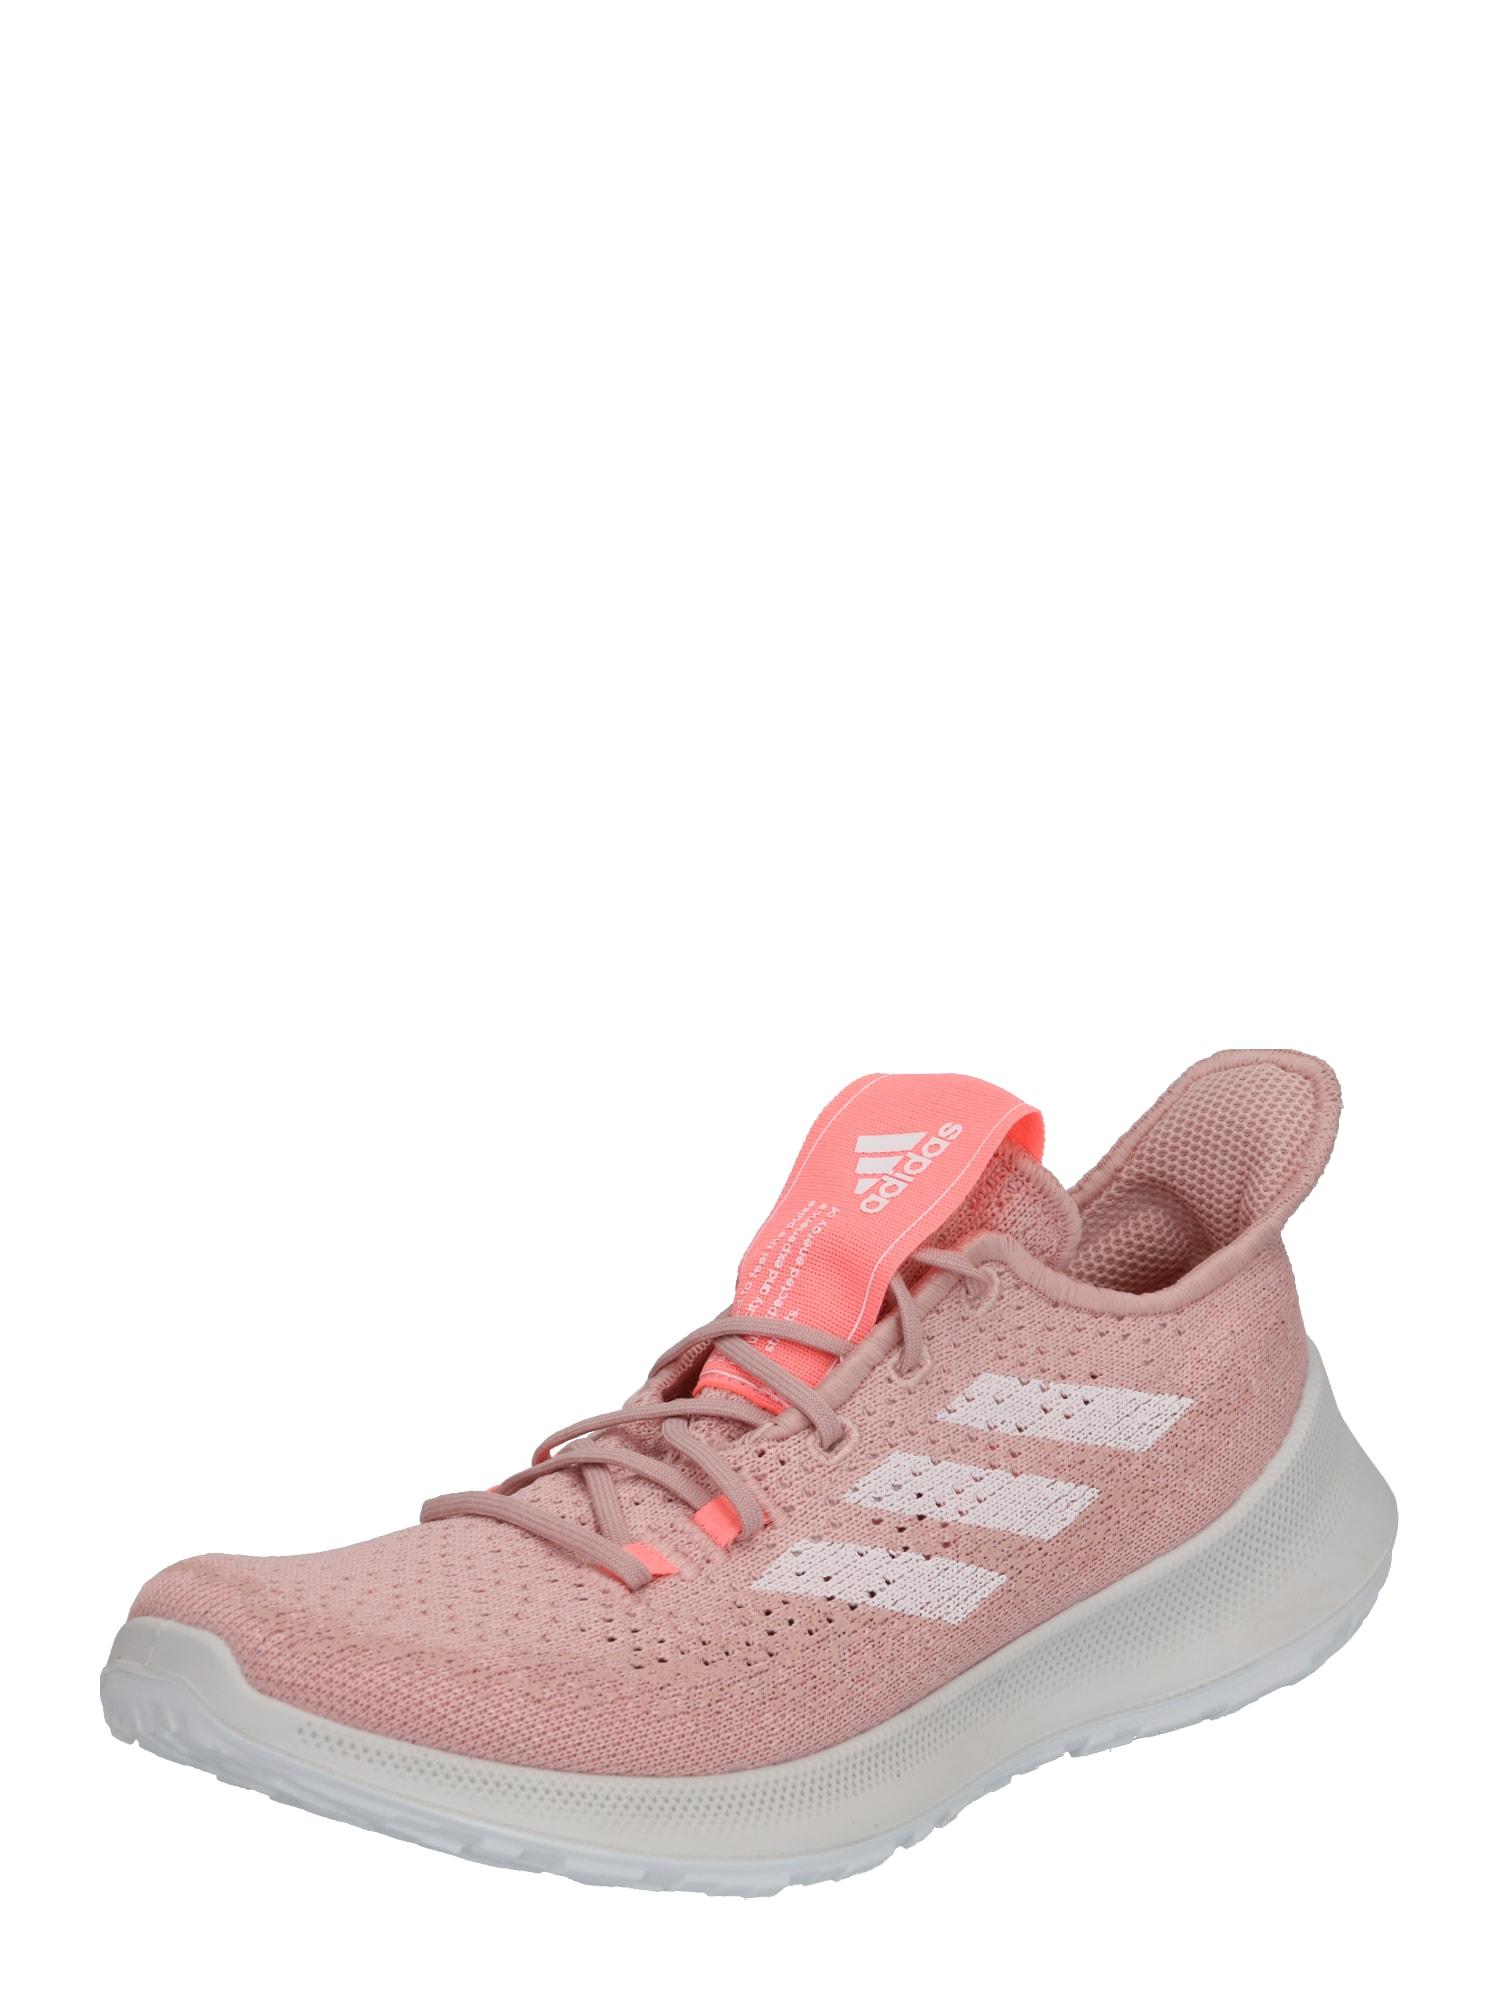 ADIDAS PERFORMANCE Sportiniai batai 'SENSEBOUNCE' rožių spalva / balta